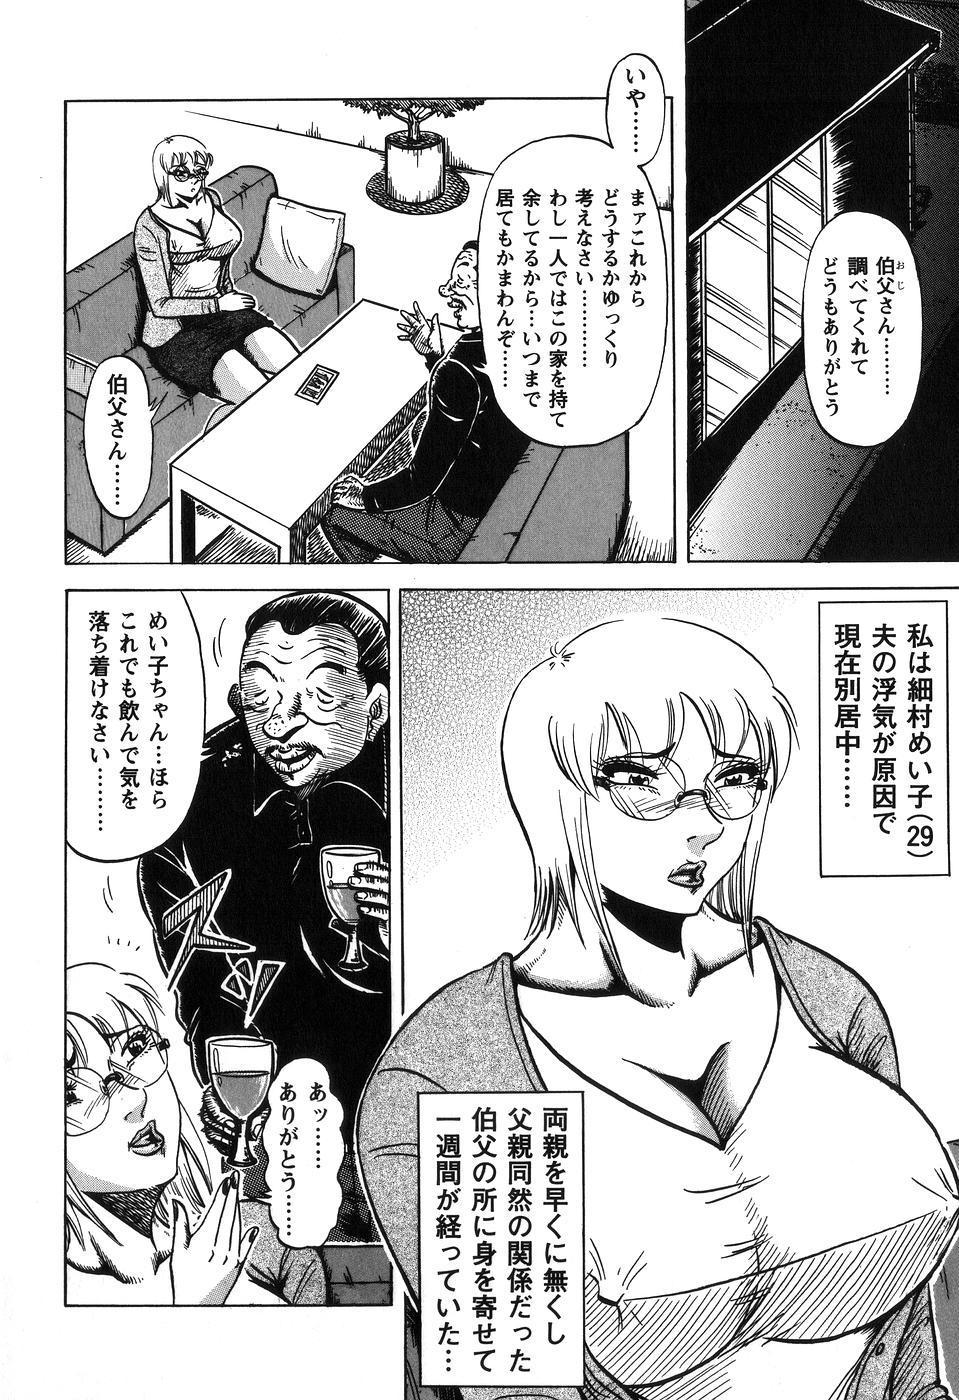 Jukubo Soukan Yosoji no Tawamure 103